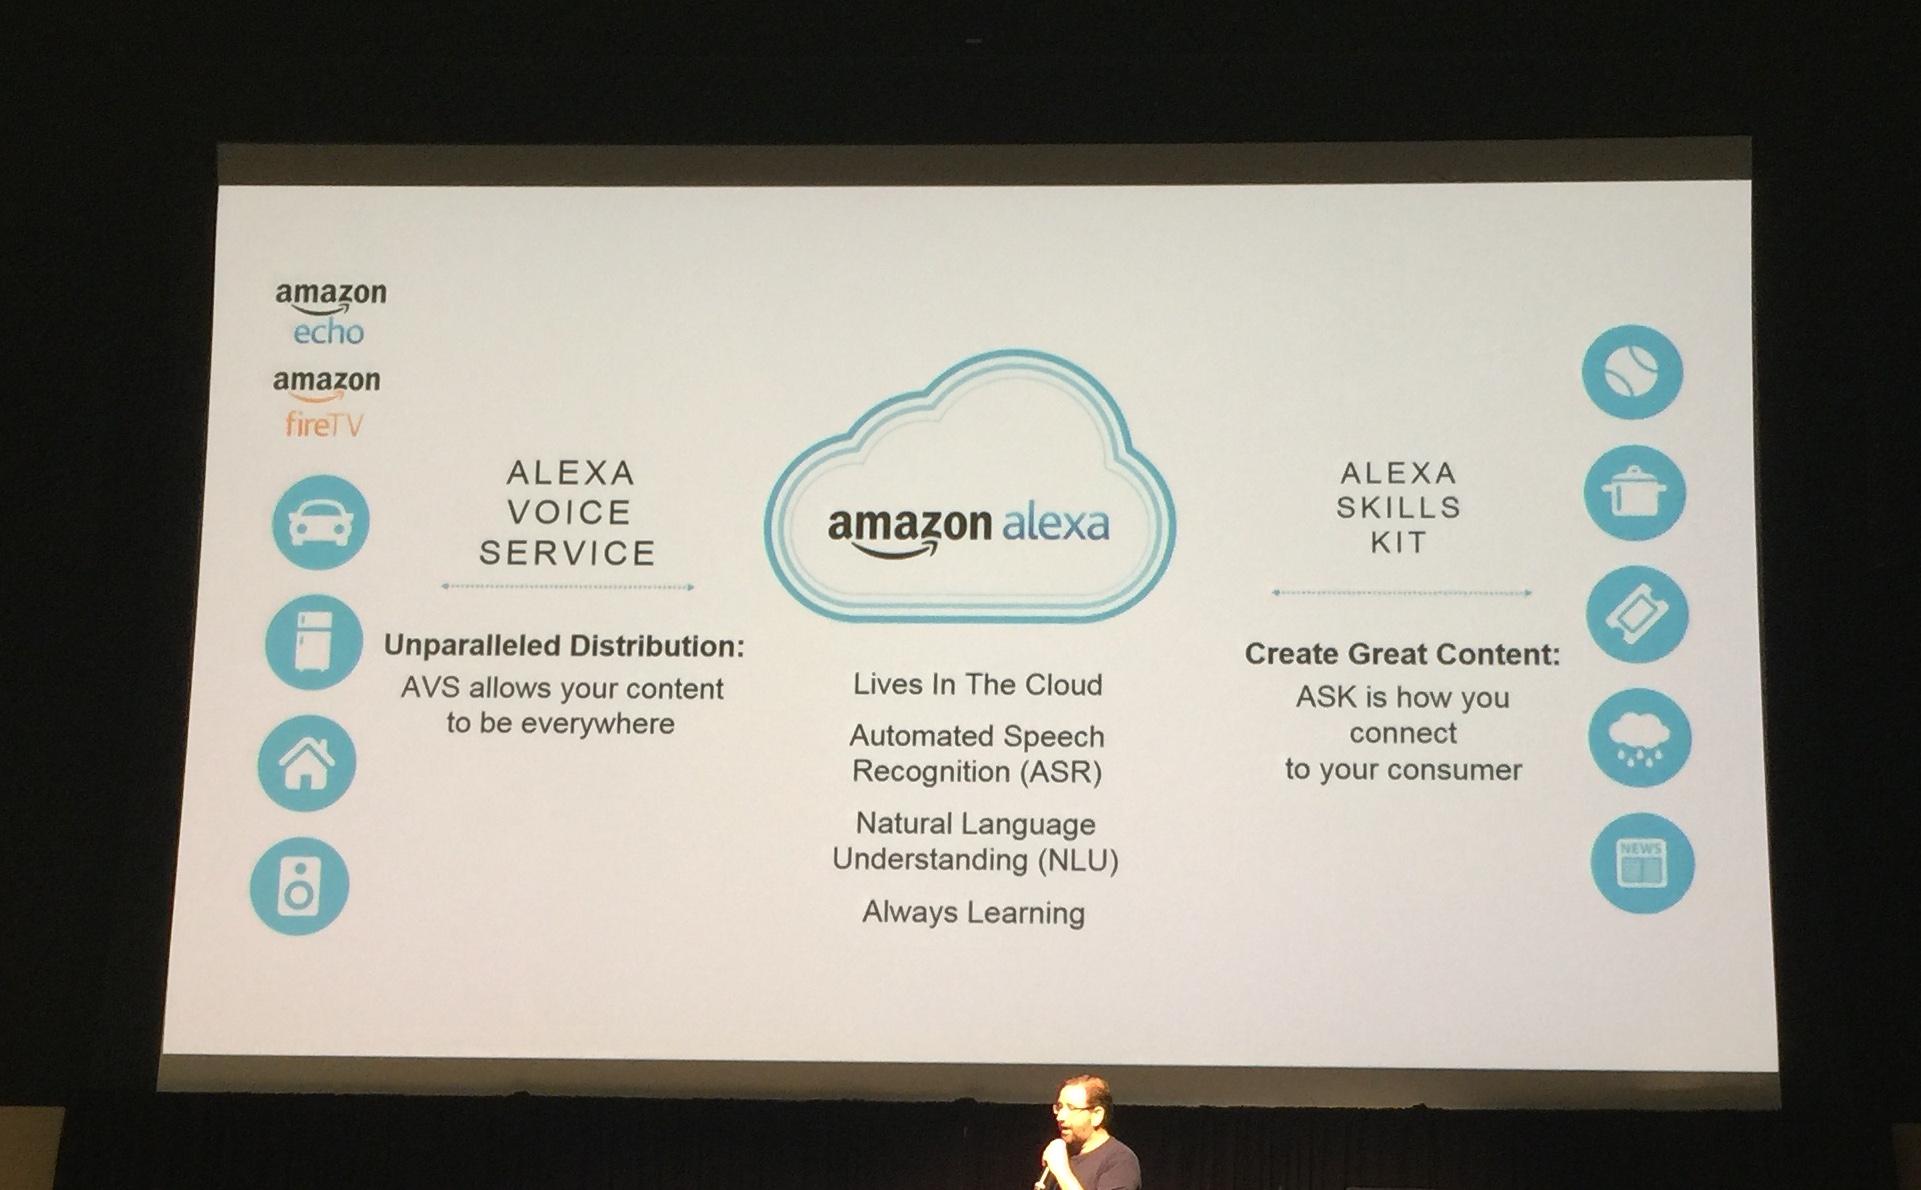 Brand examples of Alexa Skills BlackFin360 - Innovation To